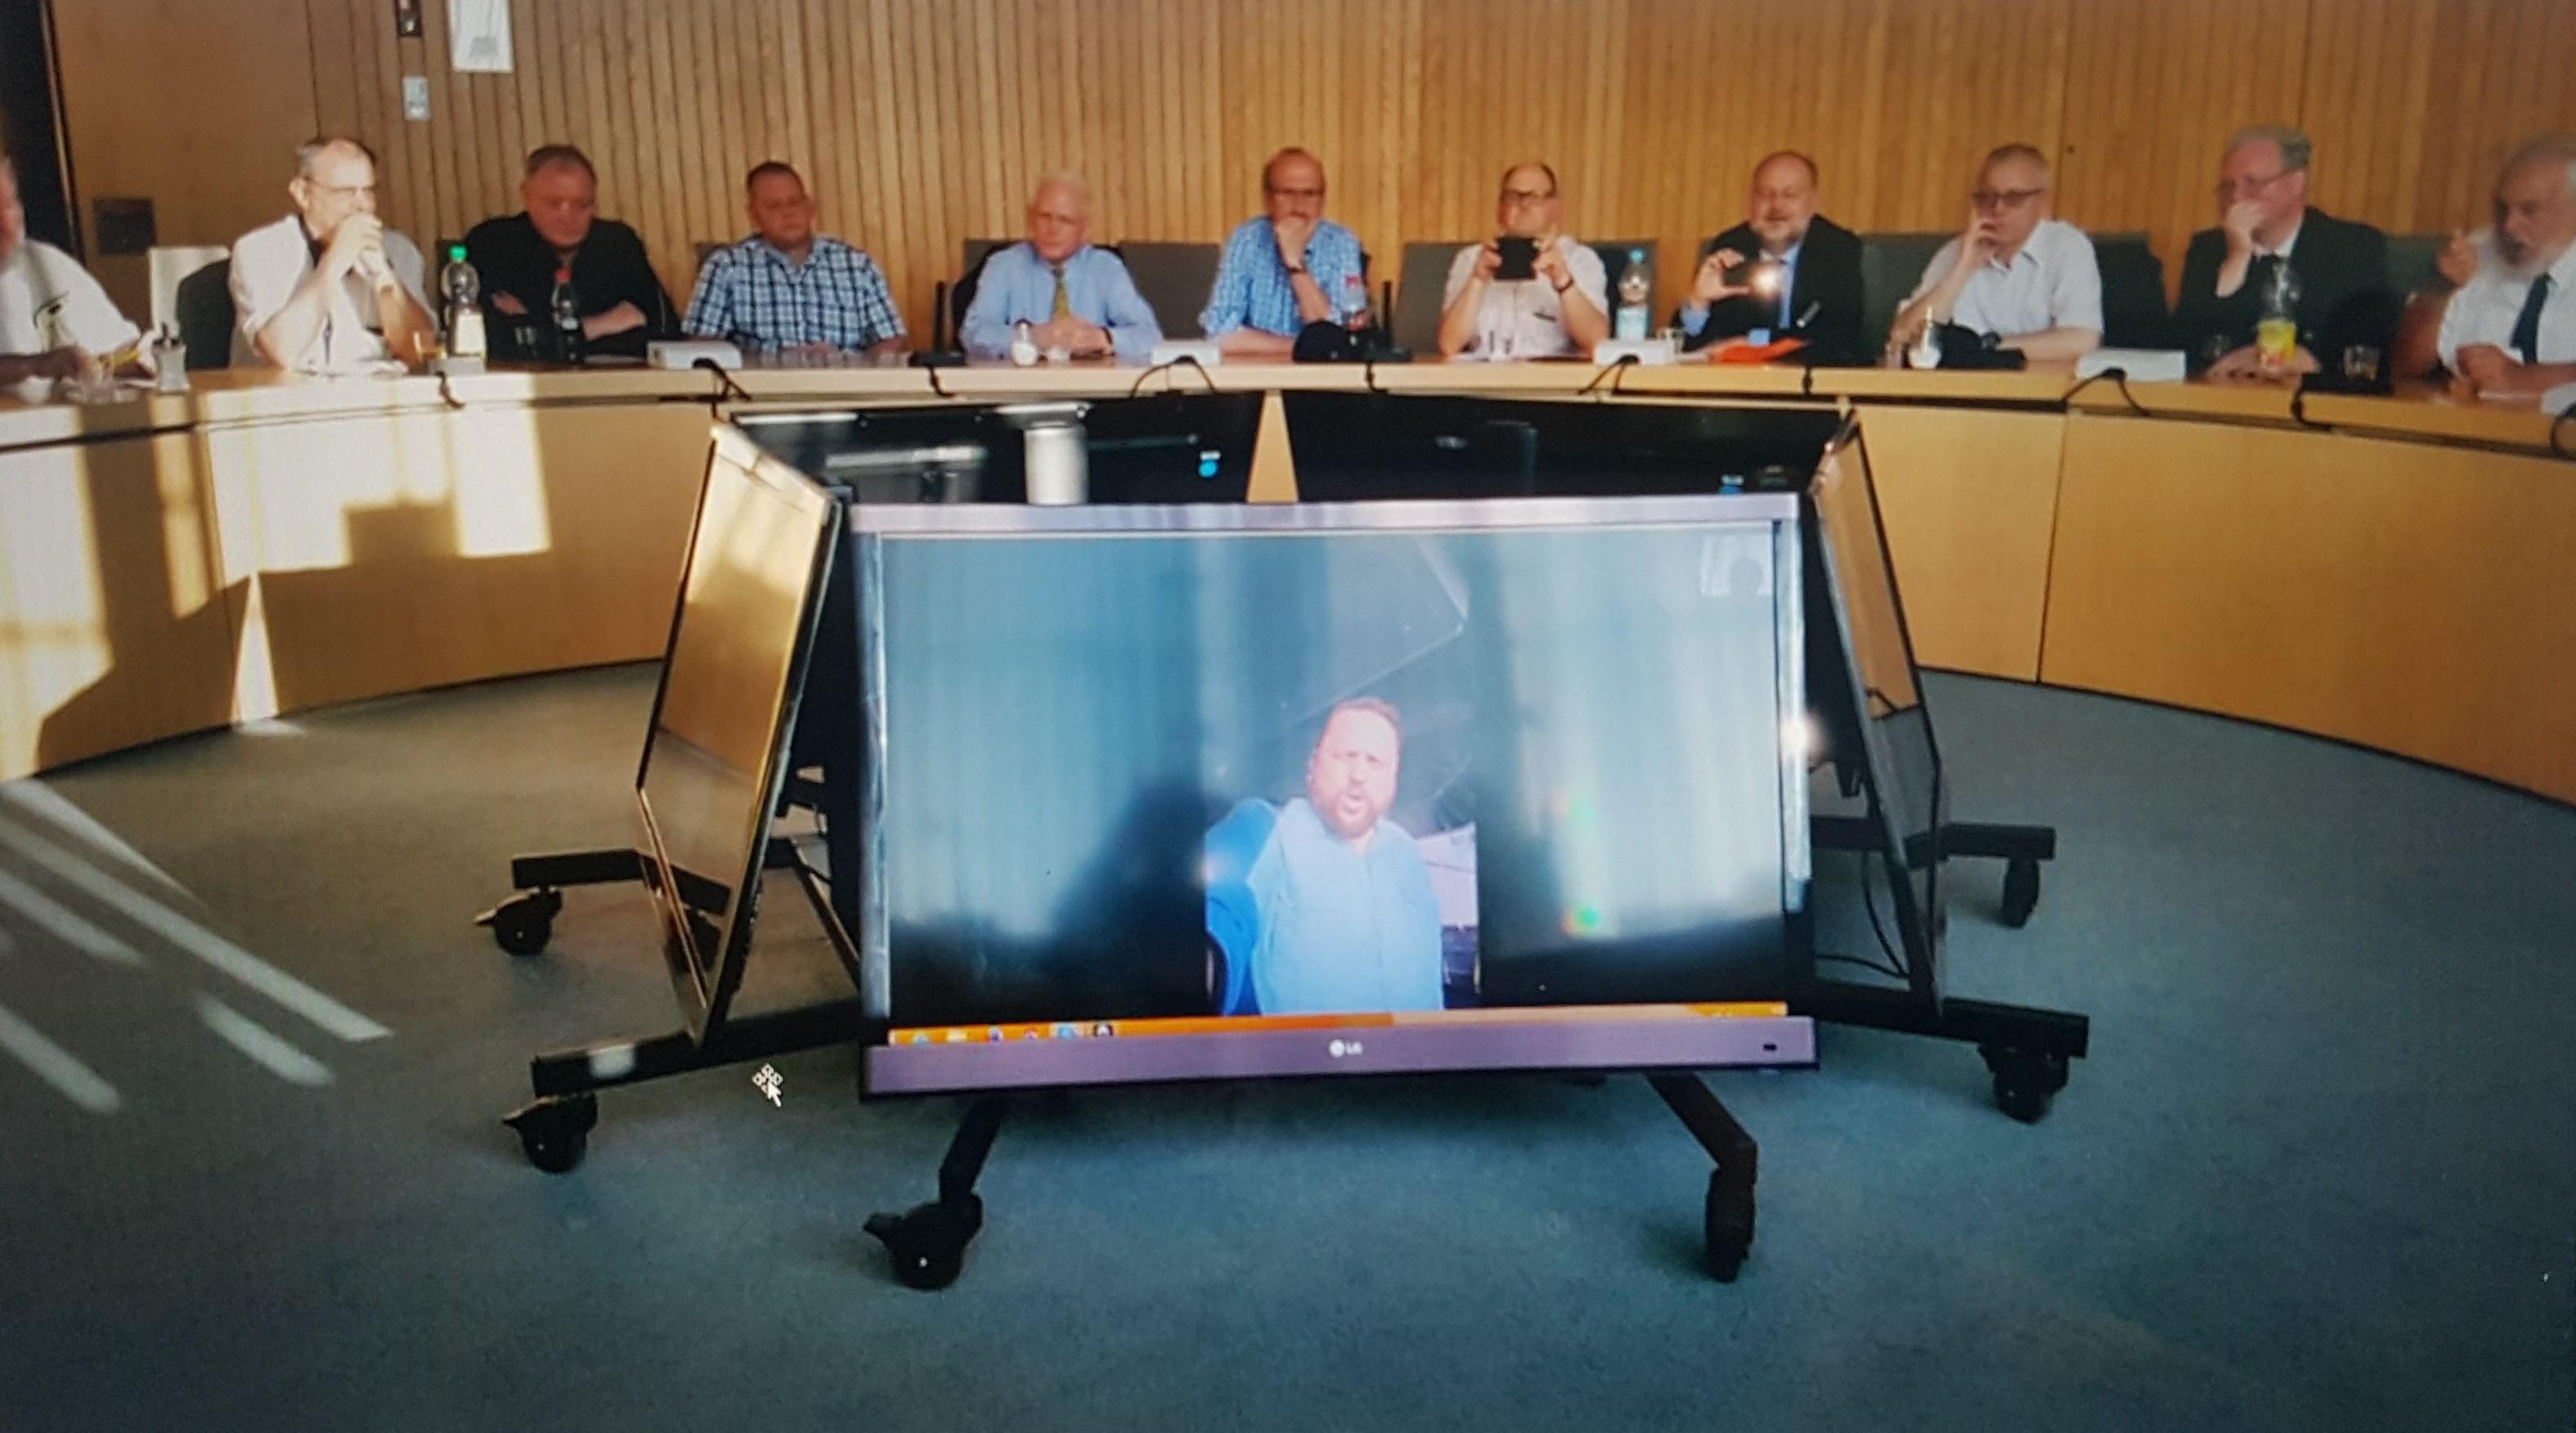 FKpt Stefan Schulz, Kommandant der Fregatte NRW, spricht live von Bord an die Mitglieder des Freundeskreises im Landtag NRW. Foto: Freundeskeis Fregatte NRW.